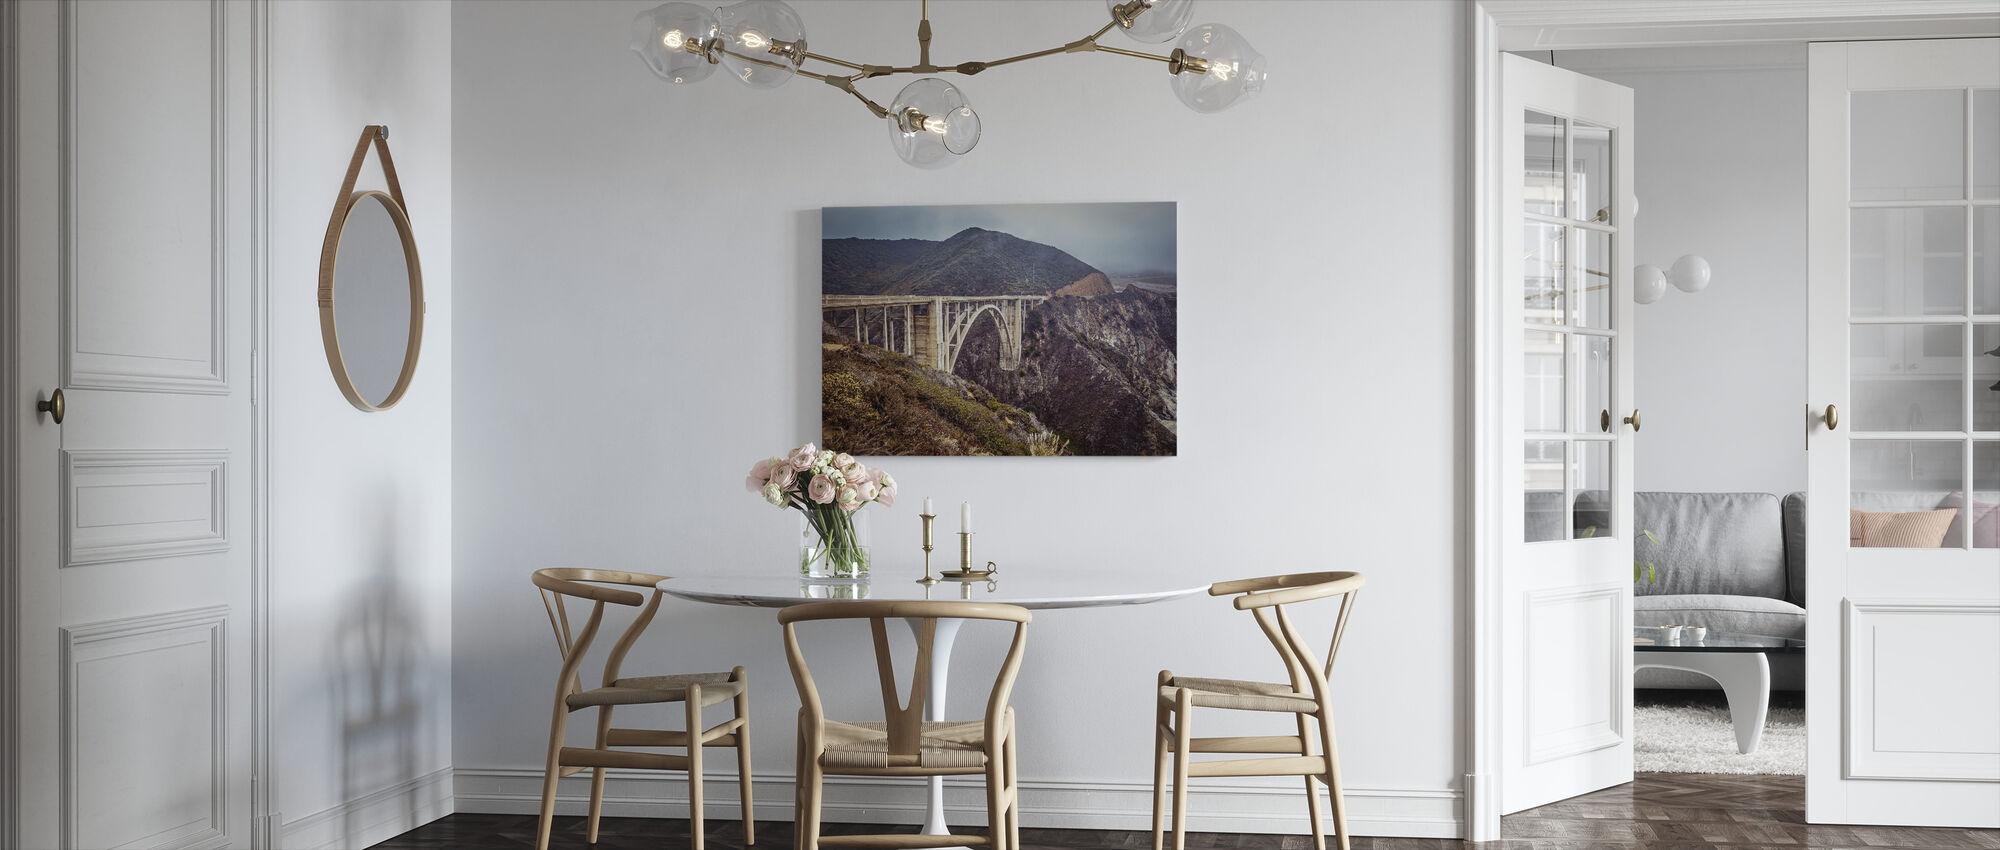 Bixby Bridge Vintage Look - Leinwandbild - Küchen